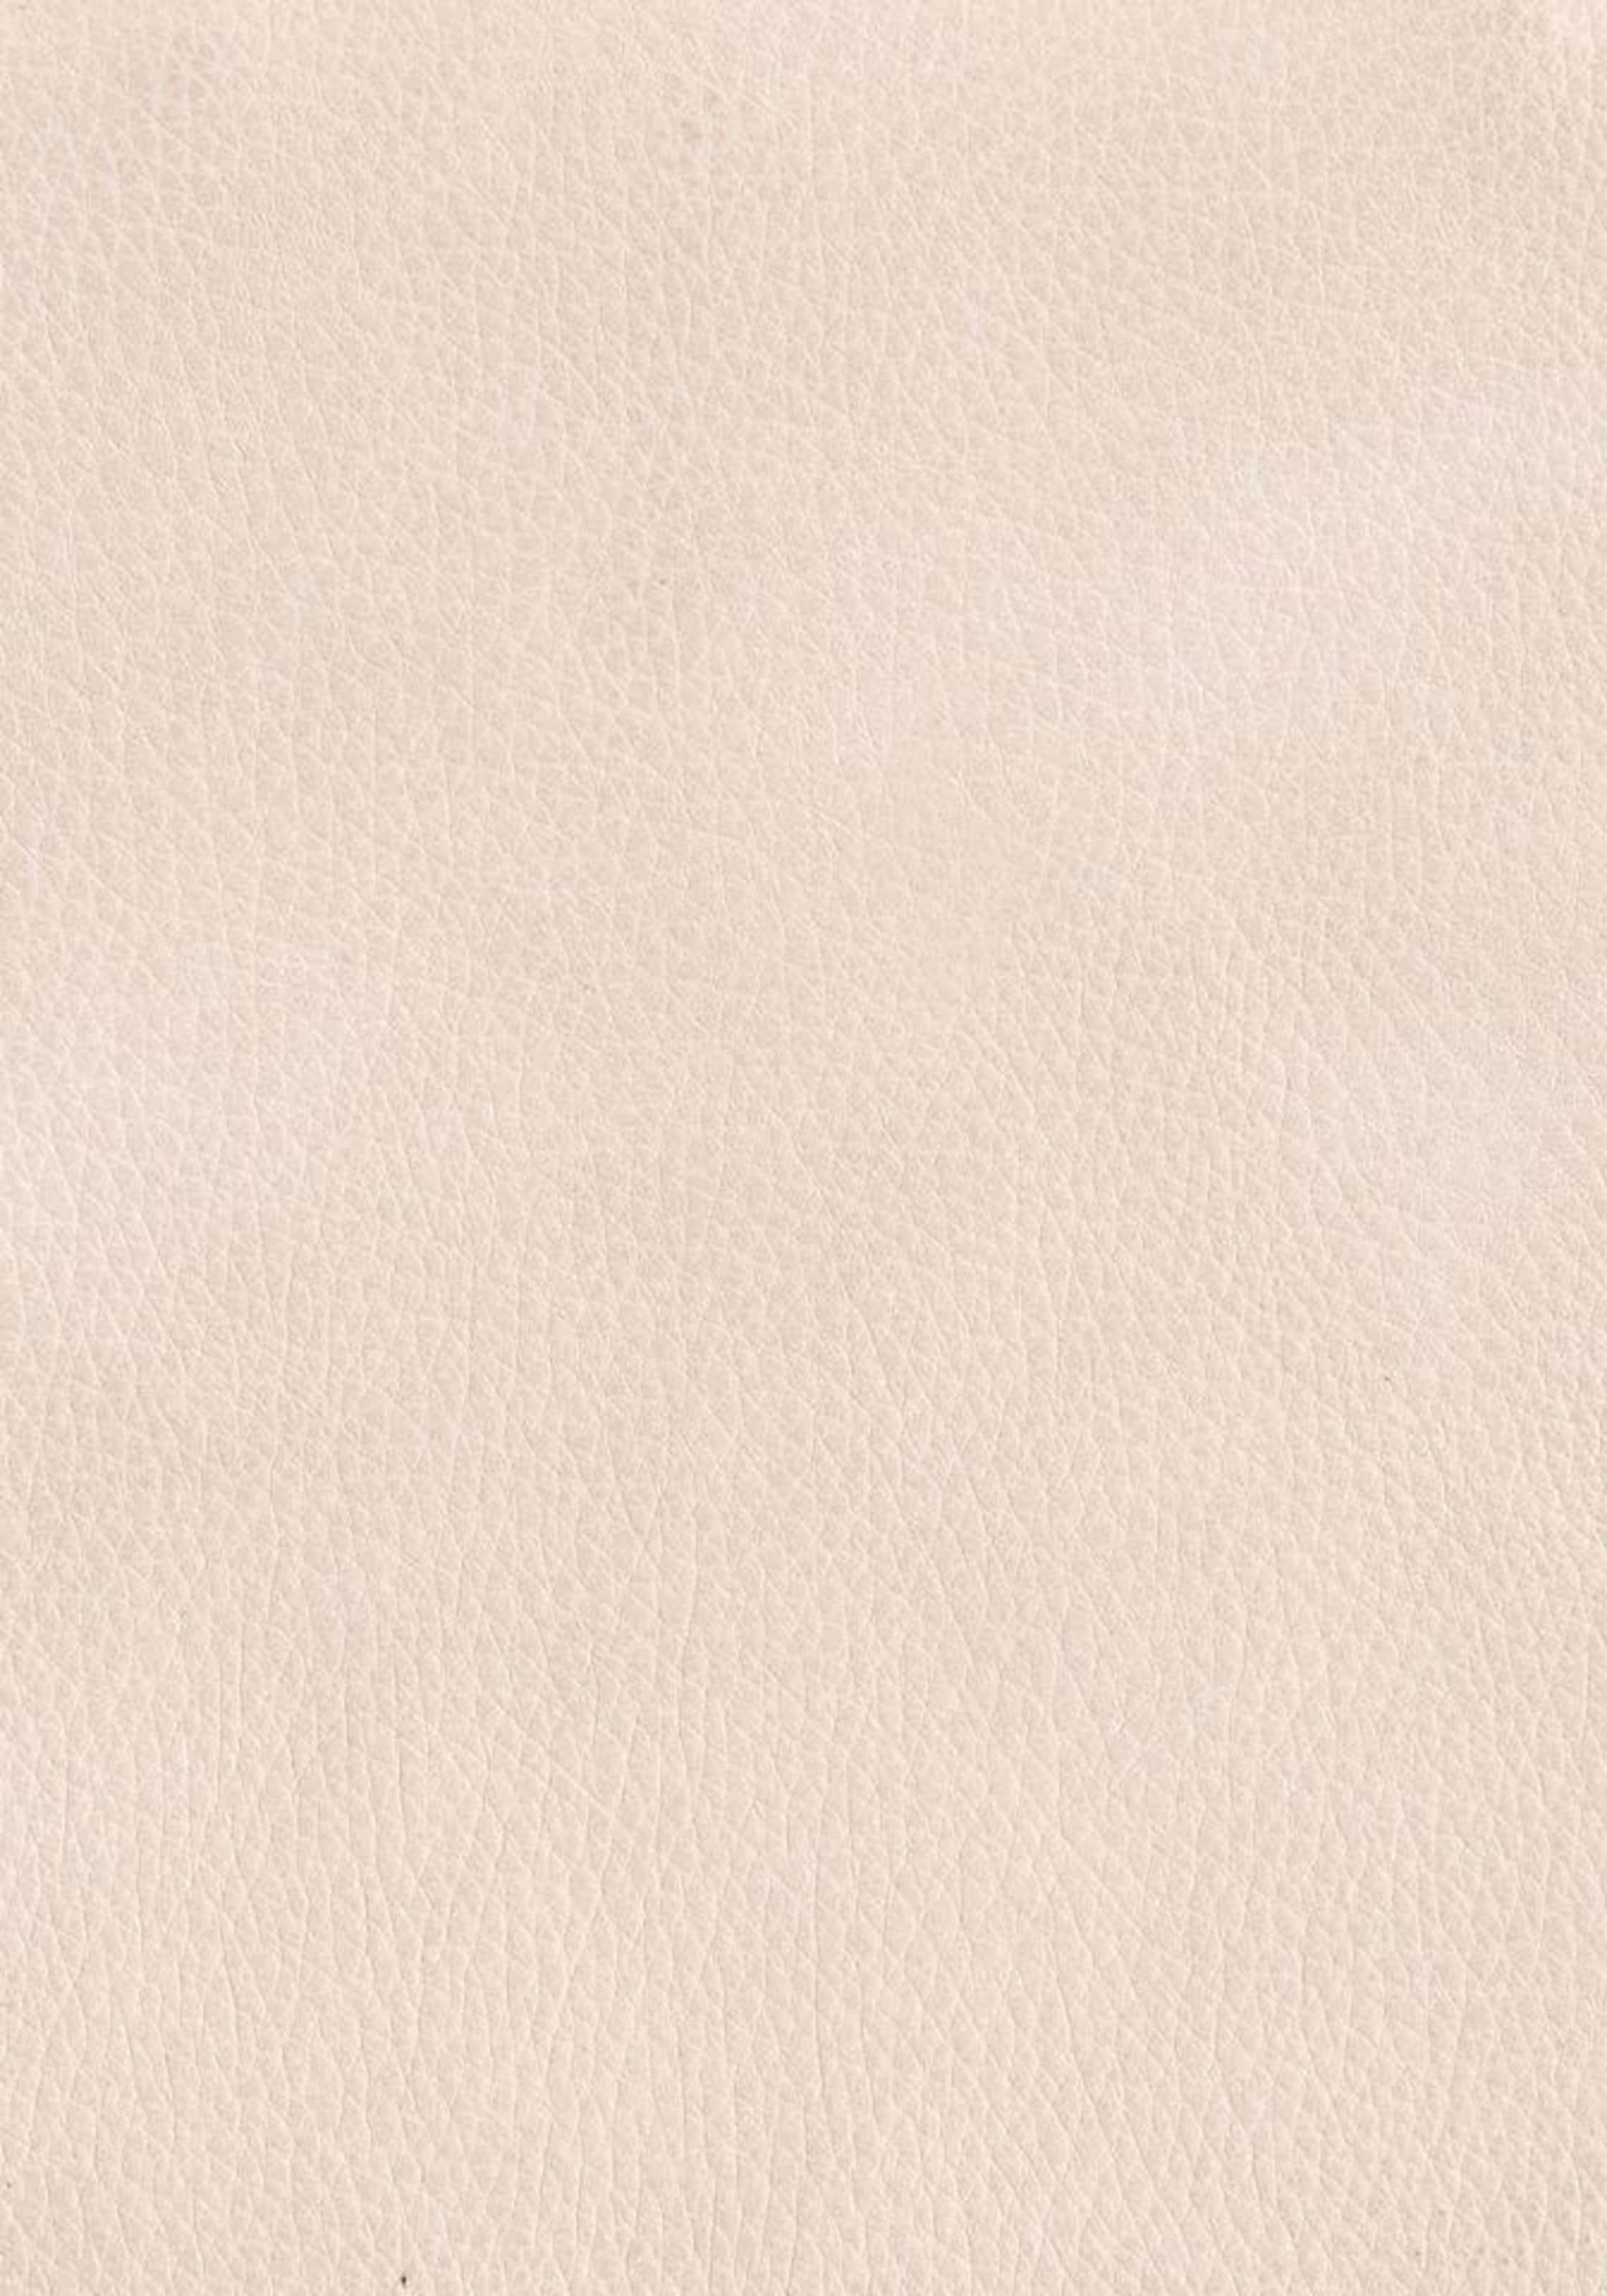 Billig Verkaufen Pick Eine Beste Zu Verkaufen Authentische Online Kaufen J. Jayz Umhängetasche Rabatt Viele Arten Von Lieferung Frei Haus Mit Kreditkarte Online-Shopping-Original sHpeN0y